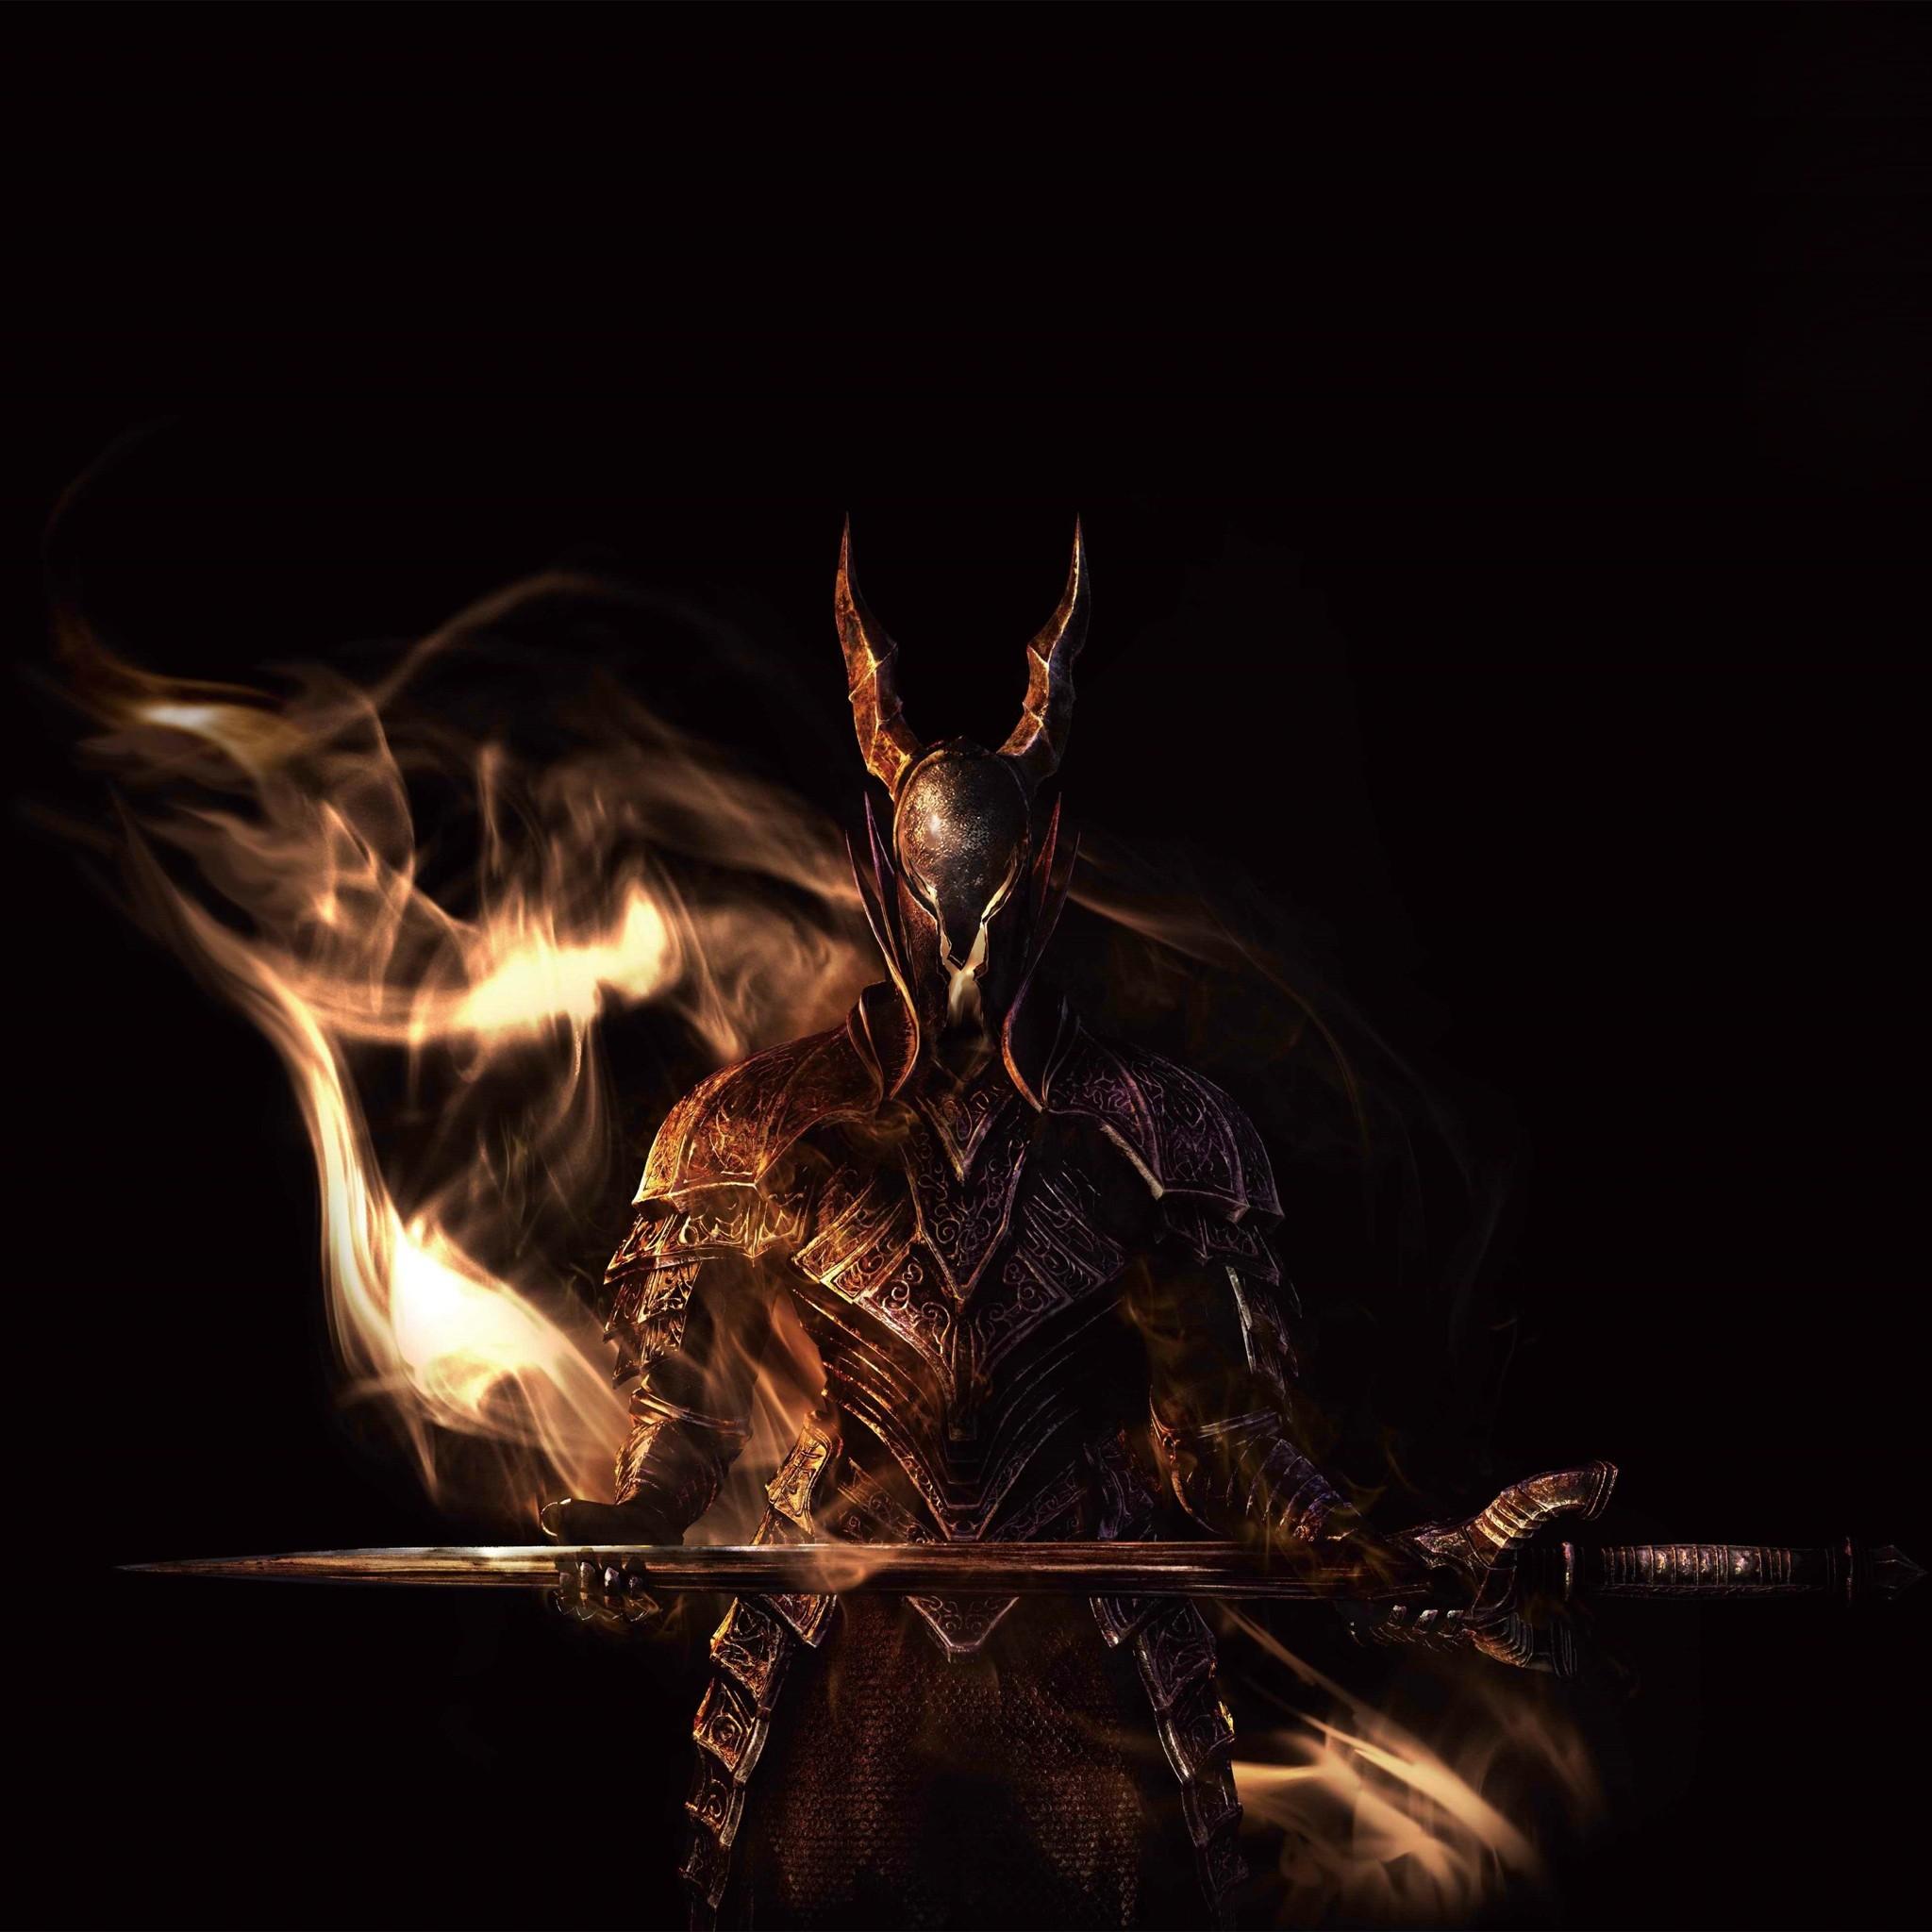 5927 4: Black Knight Dark Souls iPad wallpaper